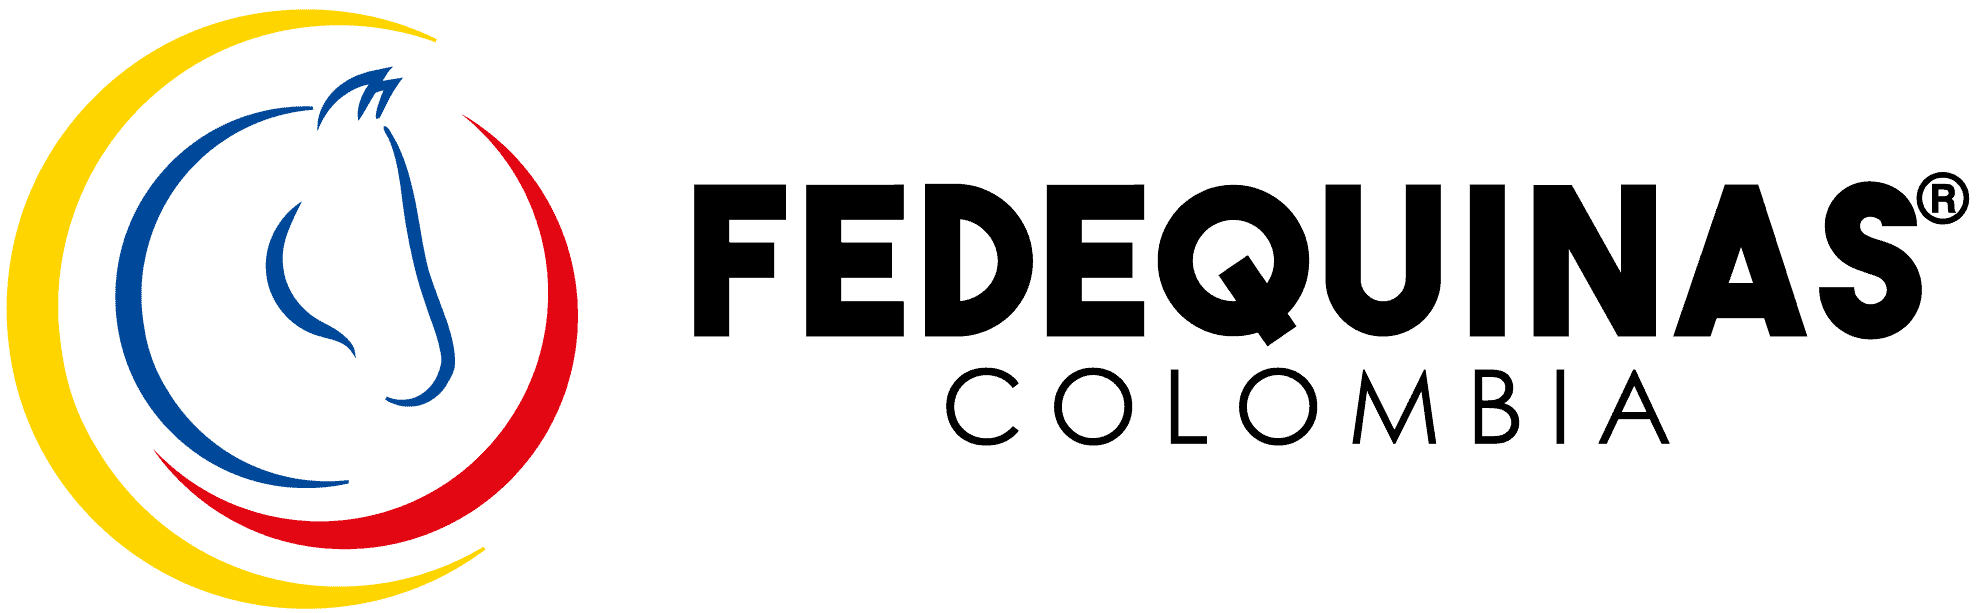 Fedequinas